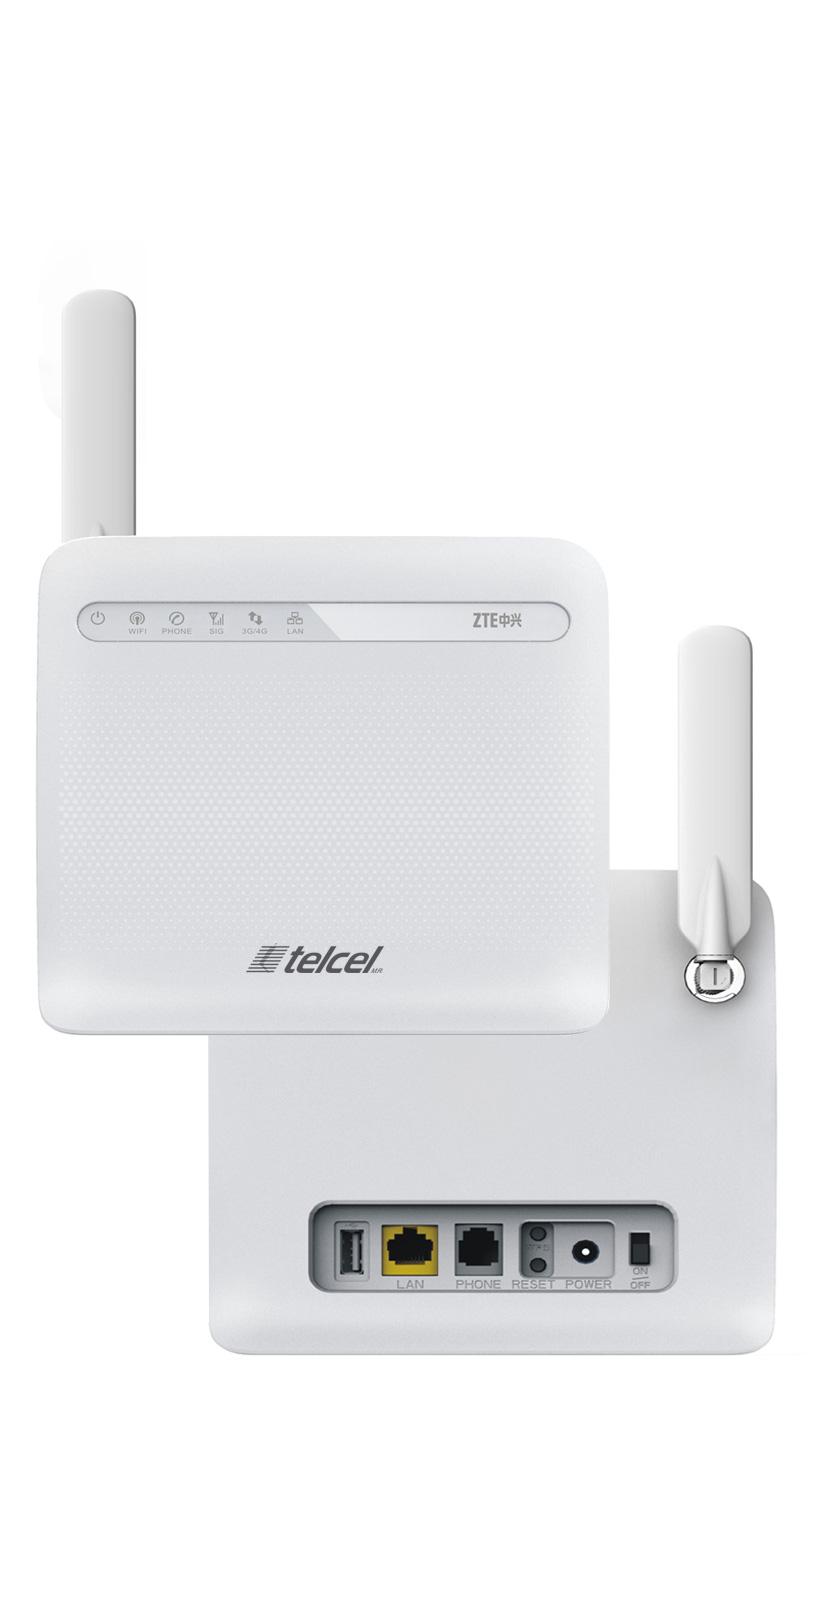 Router ZTE y Telcel ambos lados